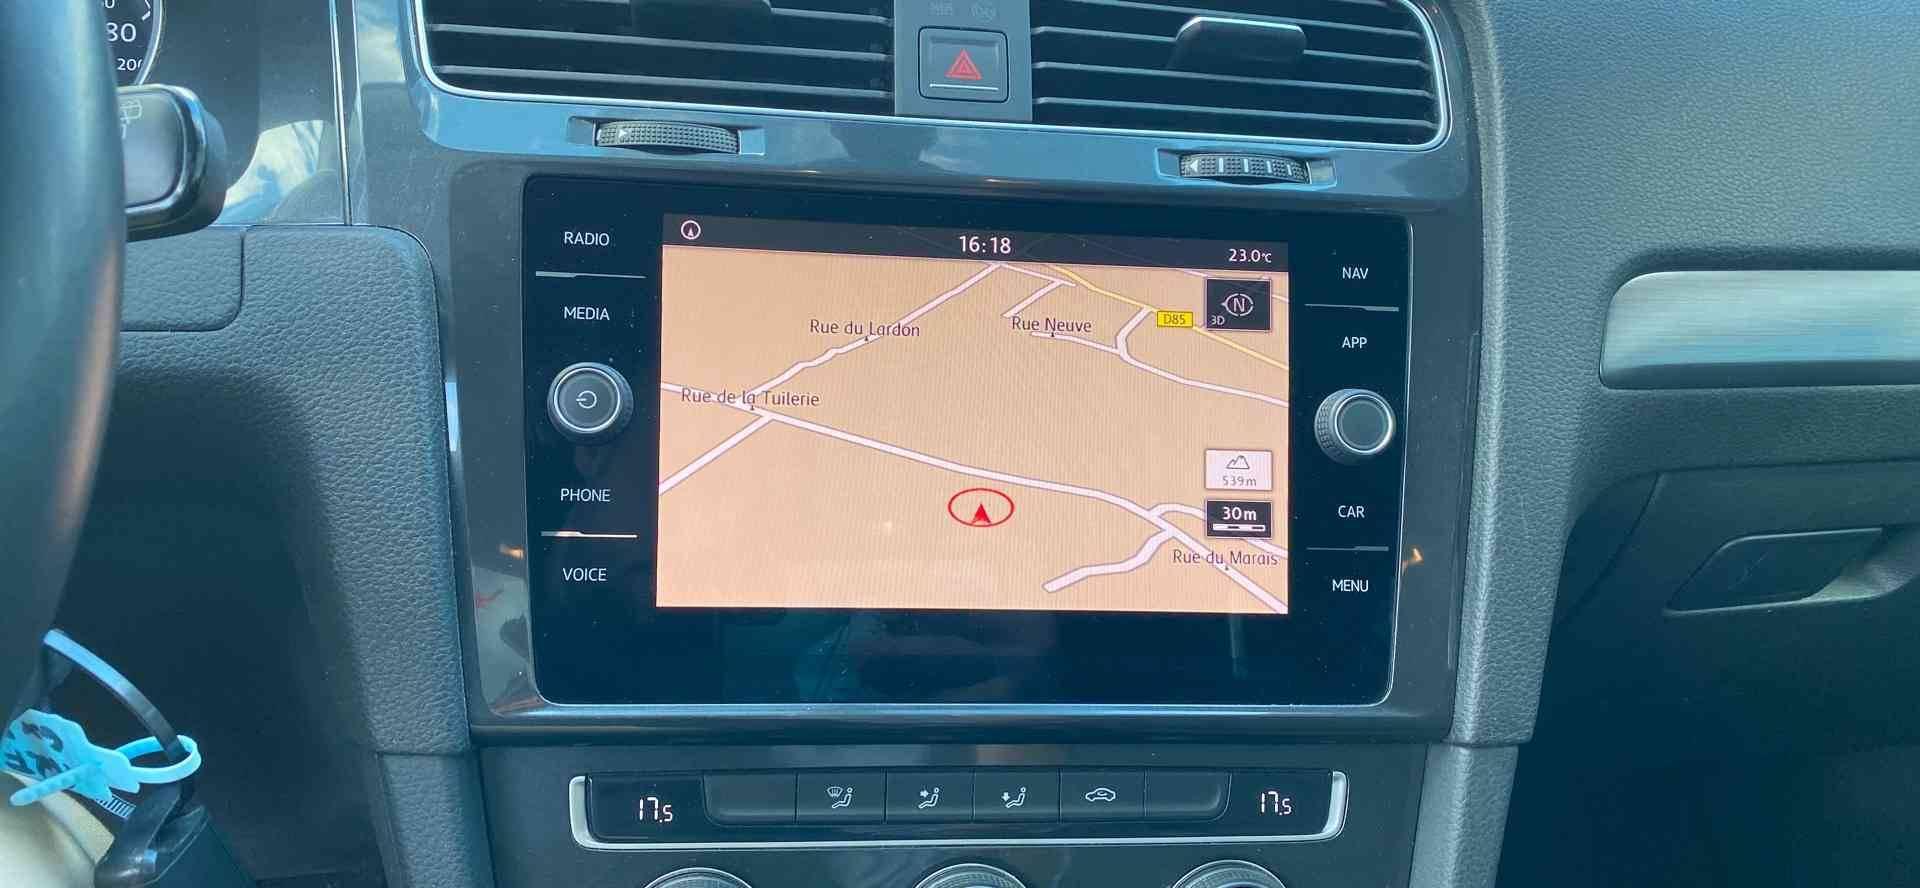 4 - Golf 1.4 TSI 125 BlueMotion Technology